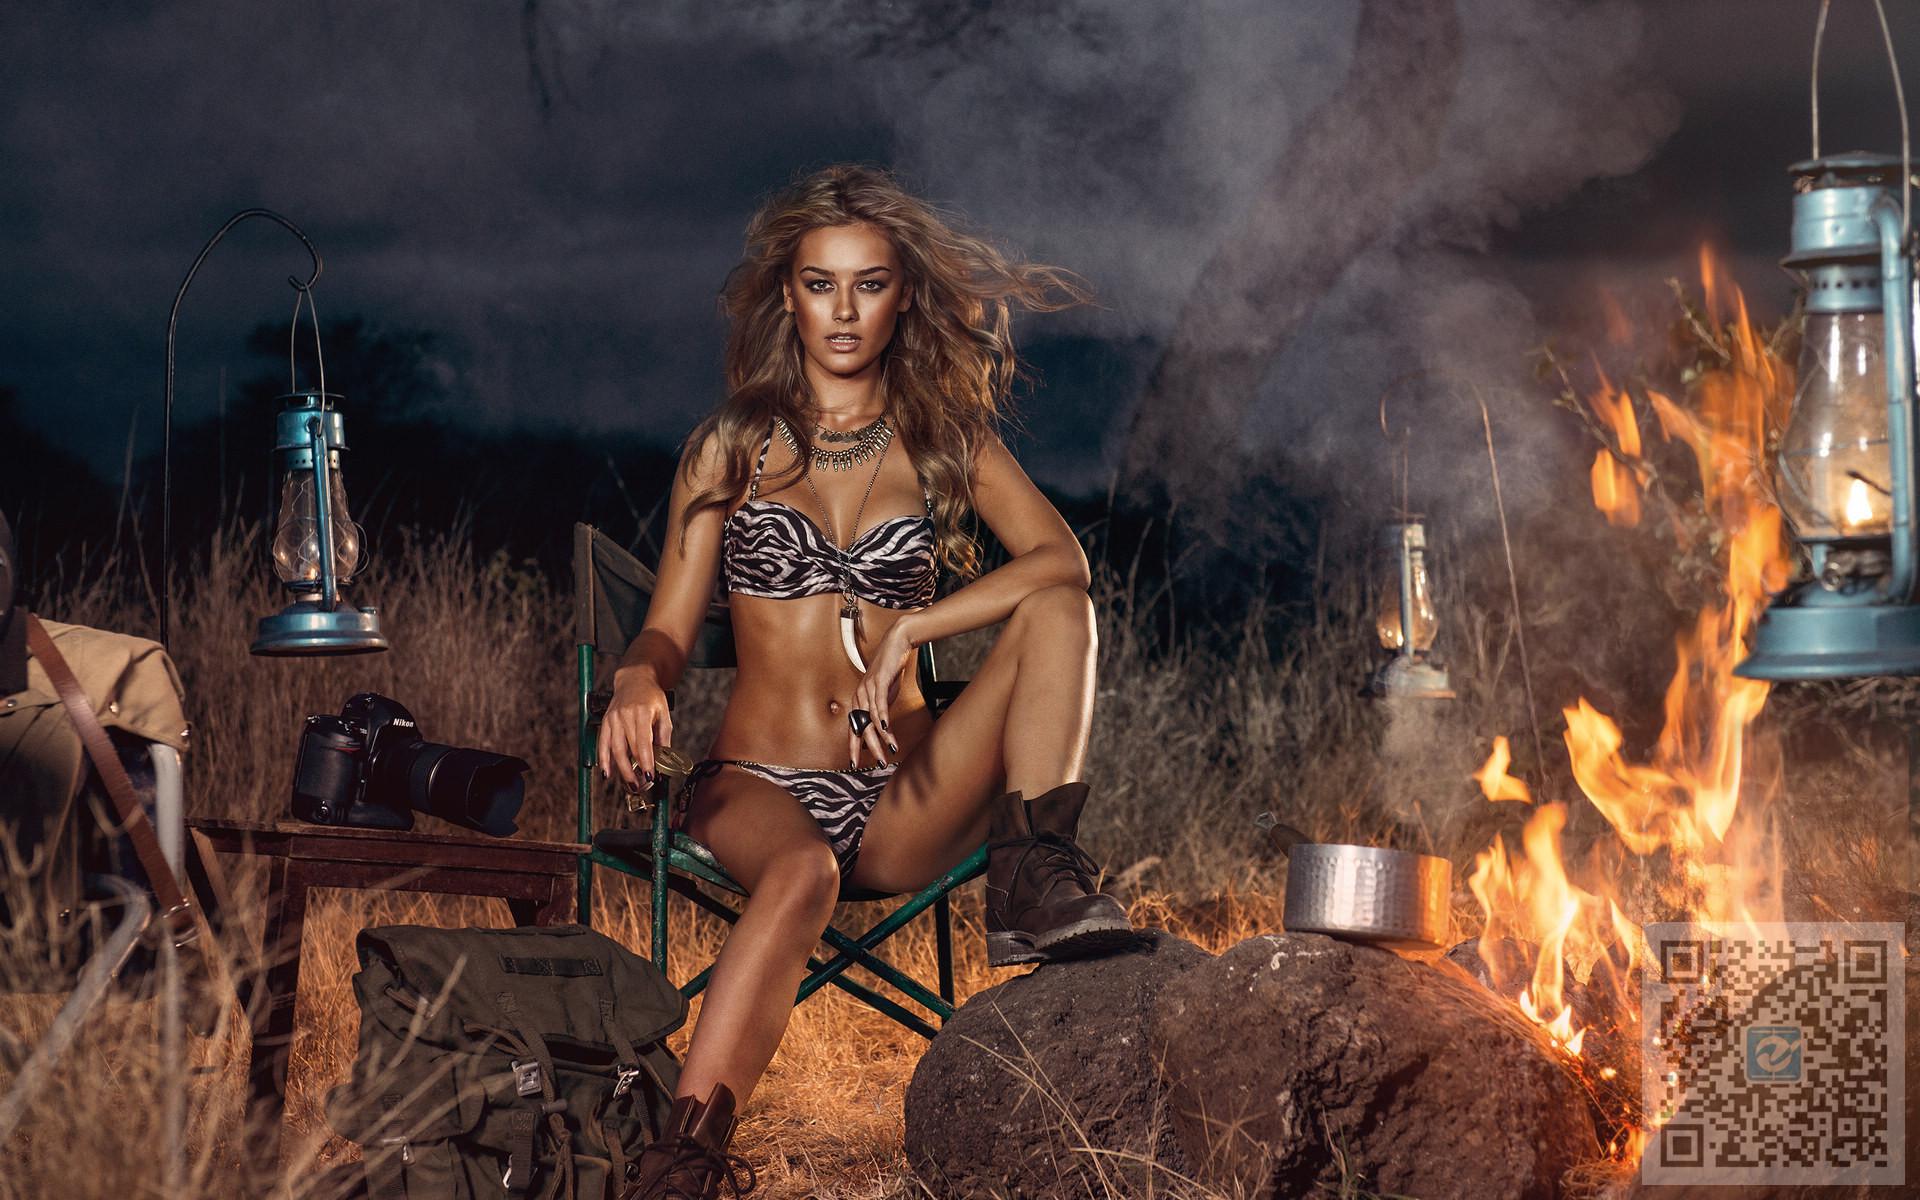 欧美美女车模野外性感展示 小麦肤色美女的优势